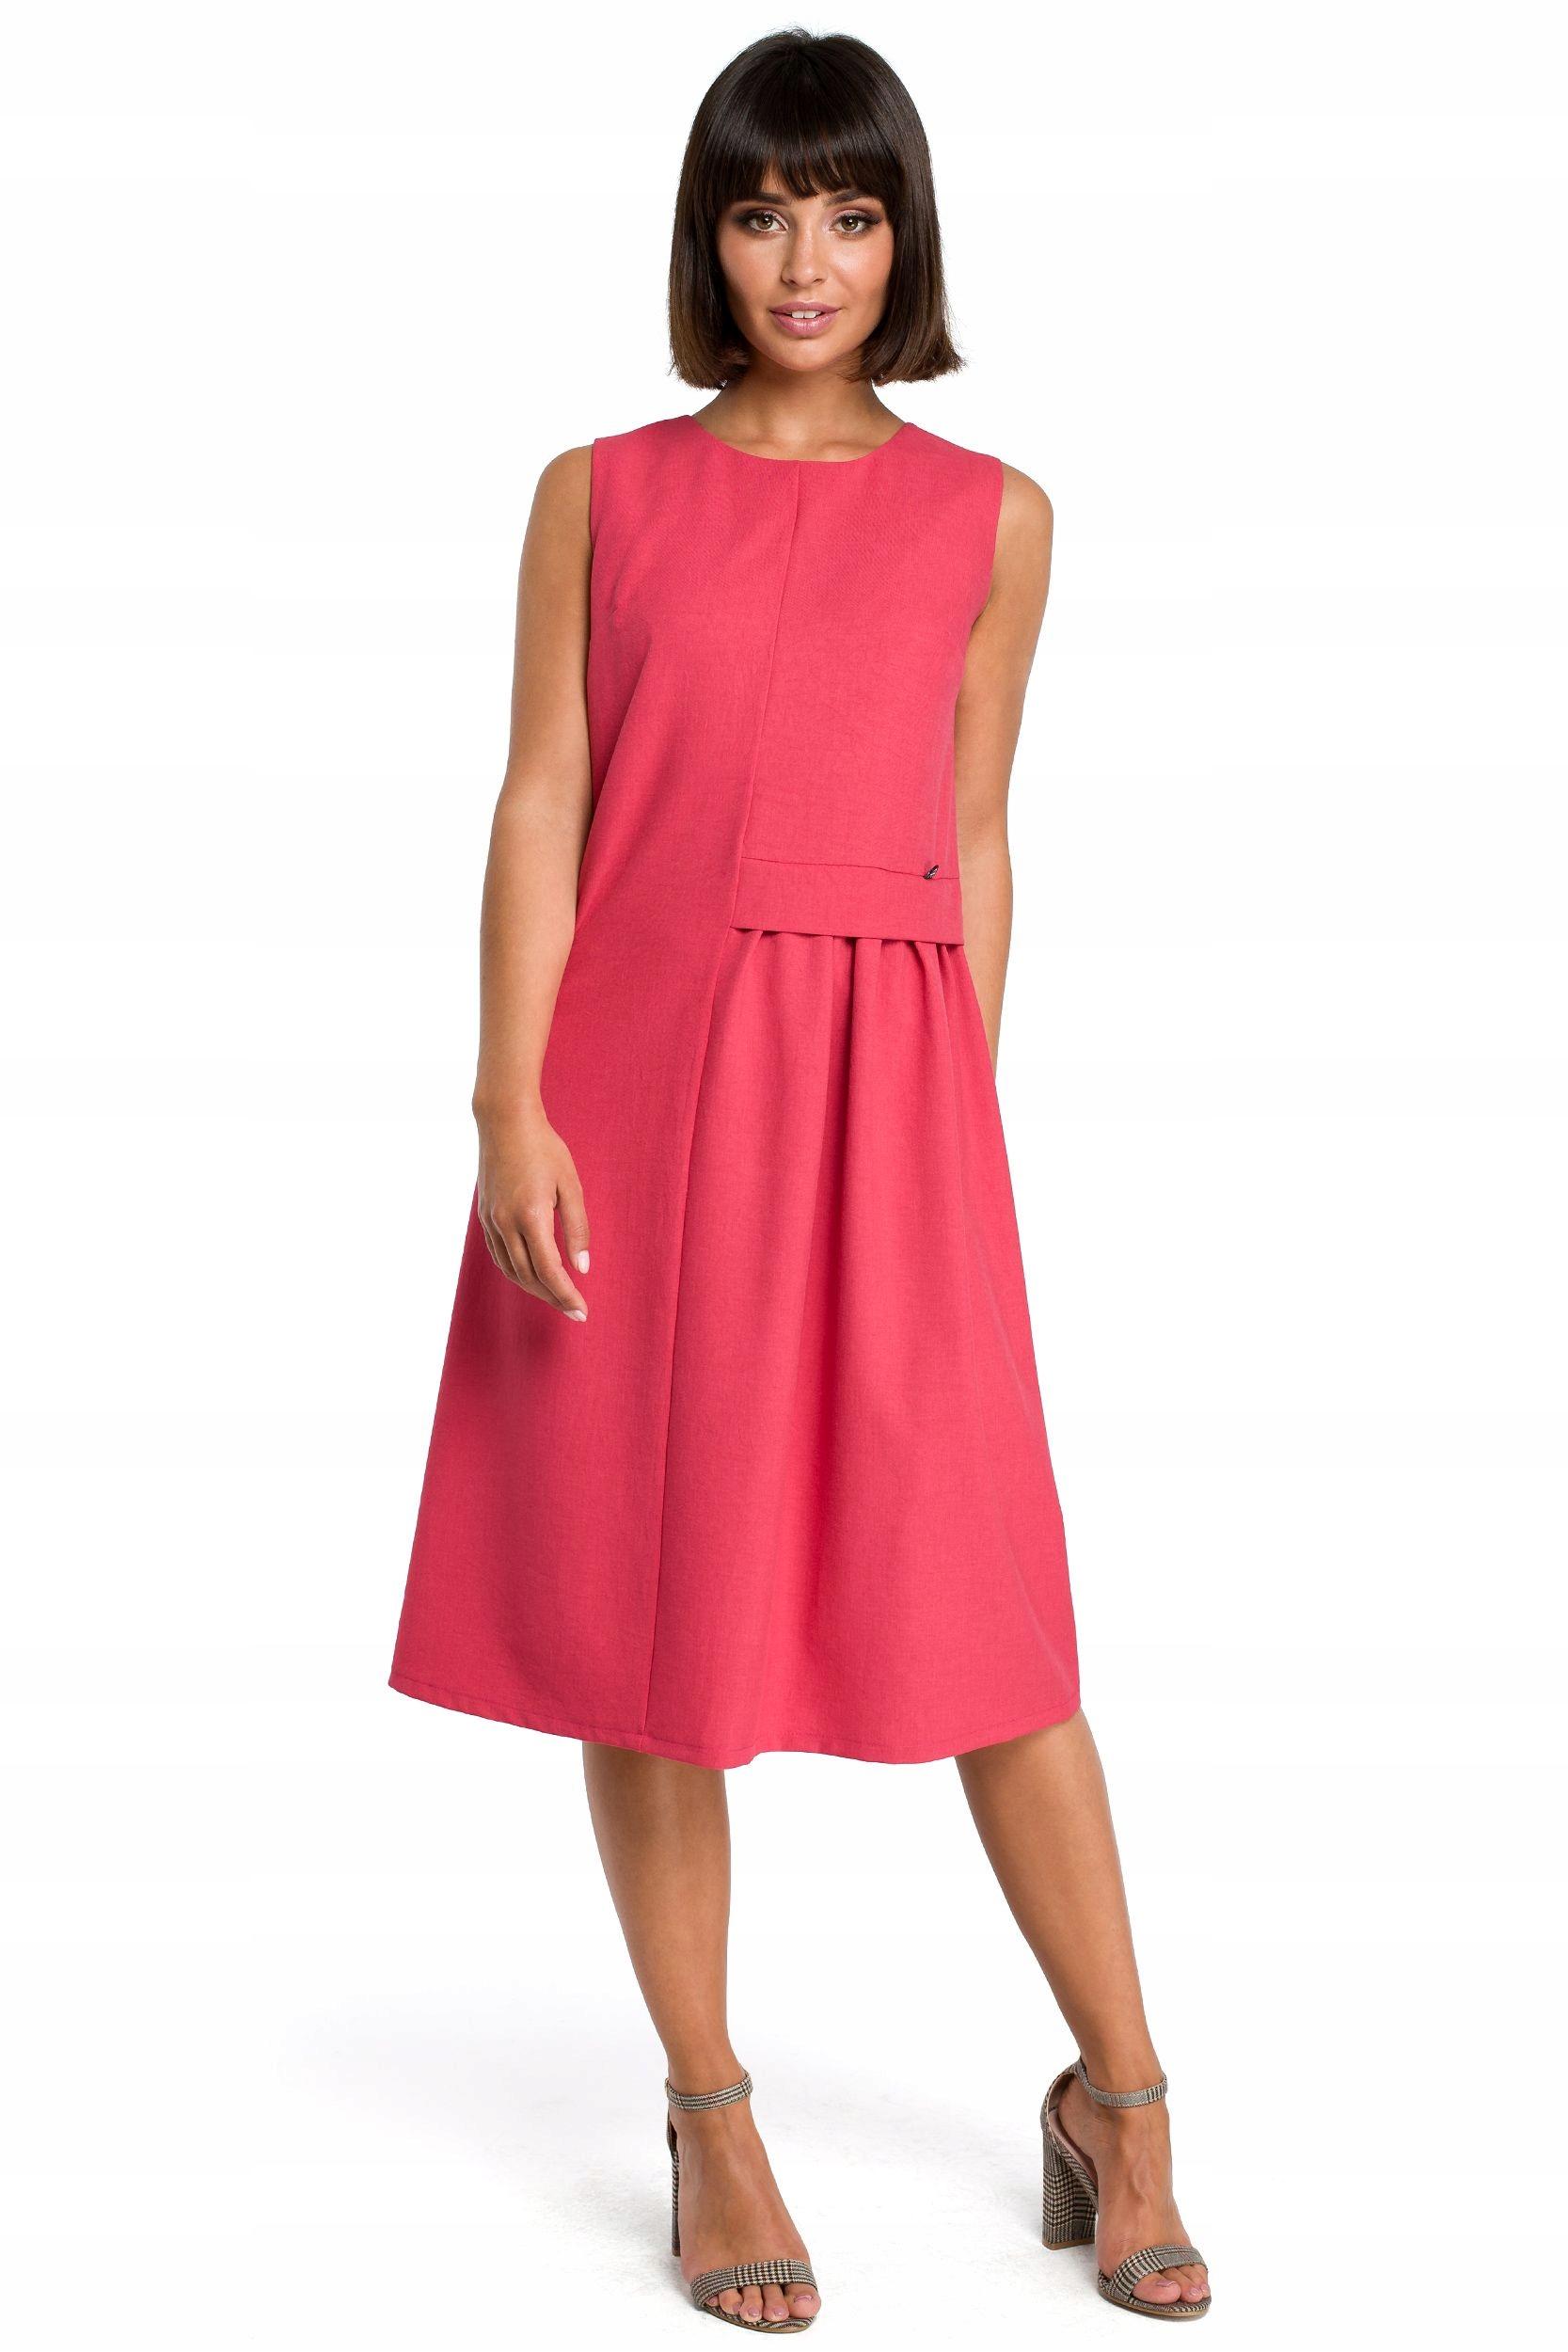 B080 Zwiewna sukienka midi bez rękawów - różowa 36